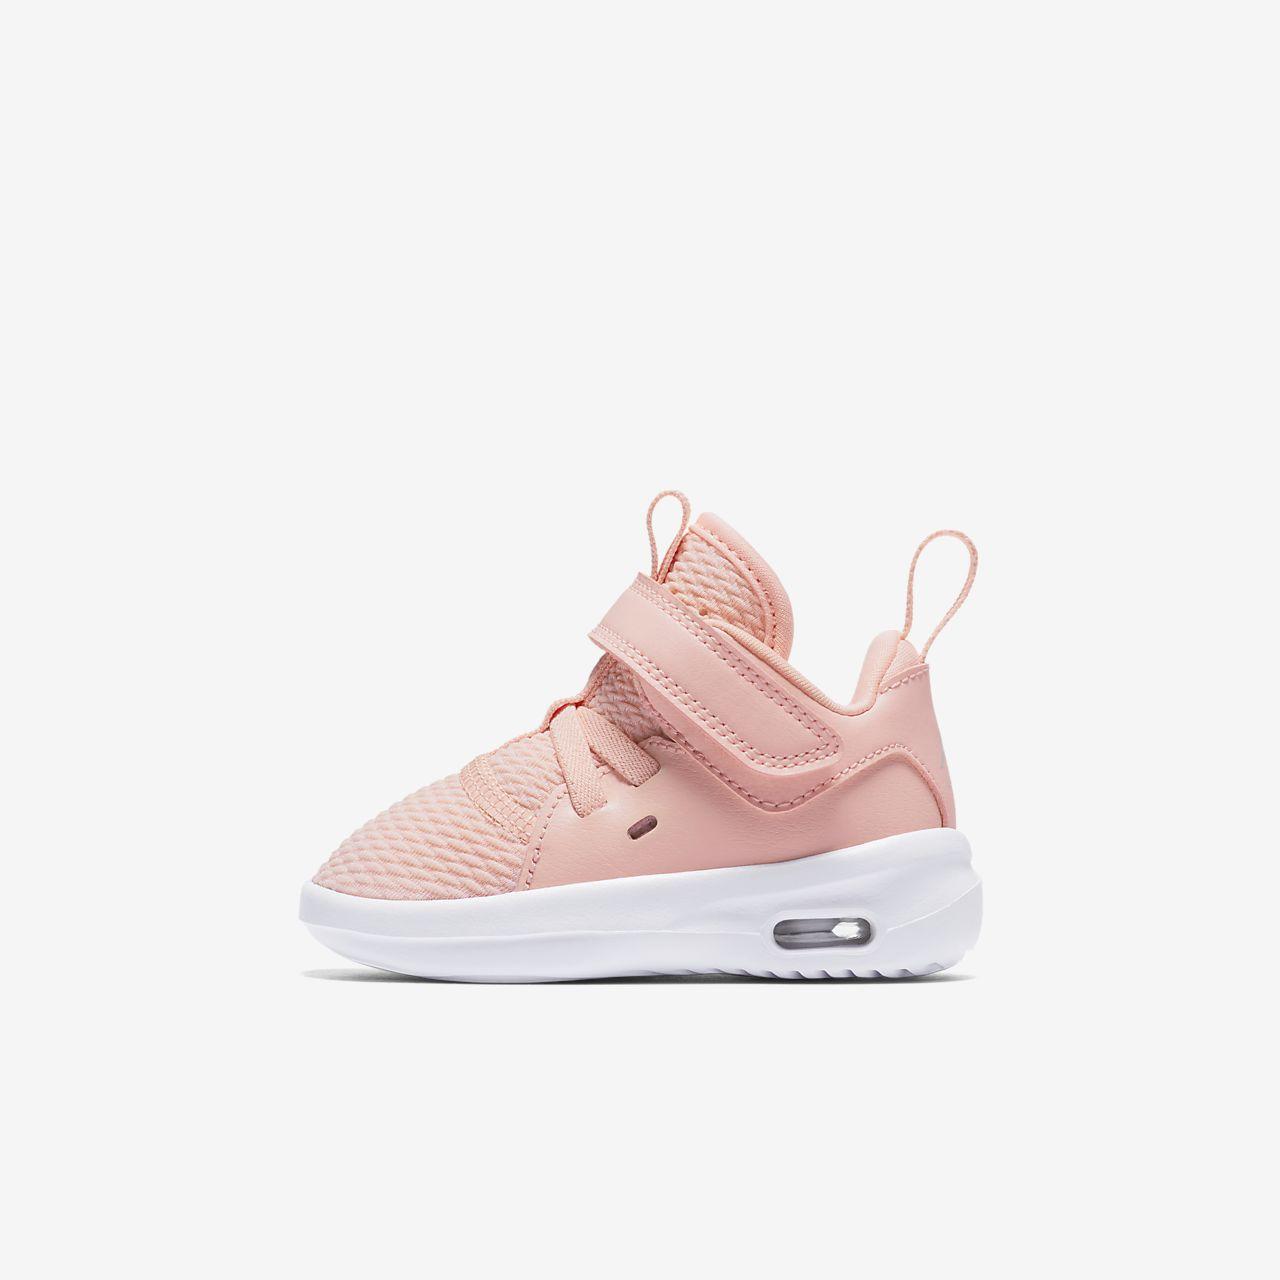 ... Air Jordan First Class Infant/Toddler Shoe